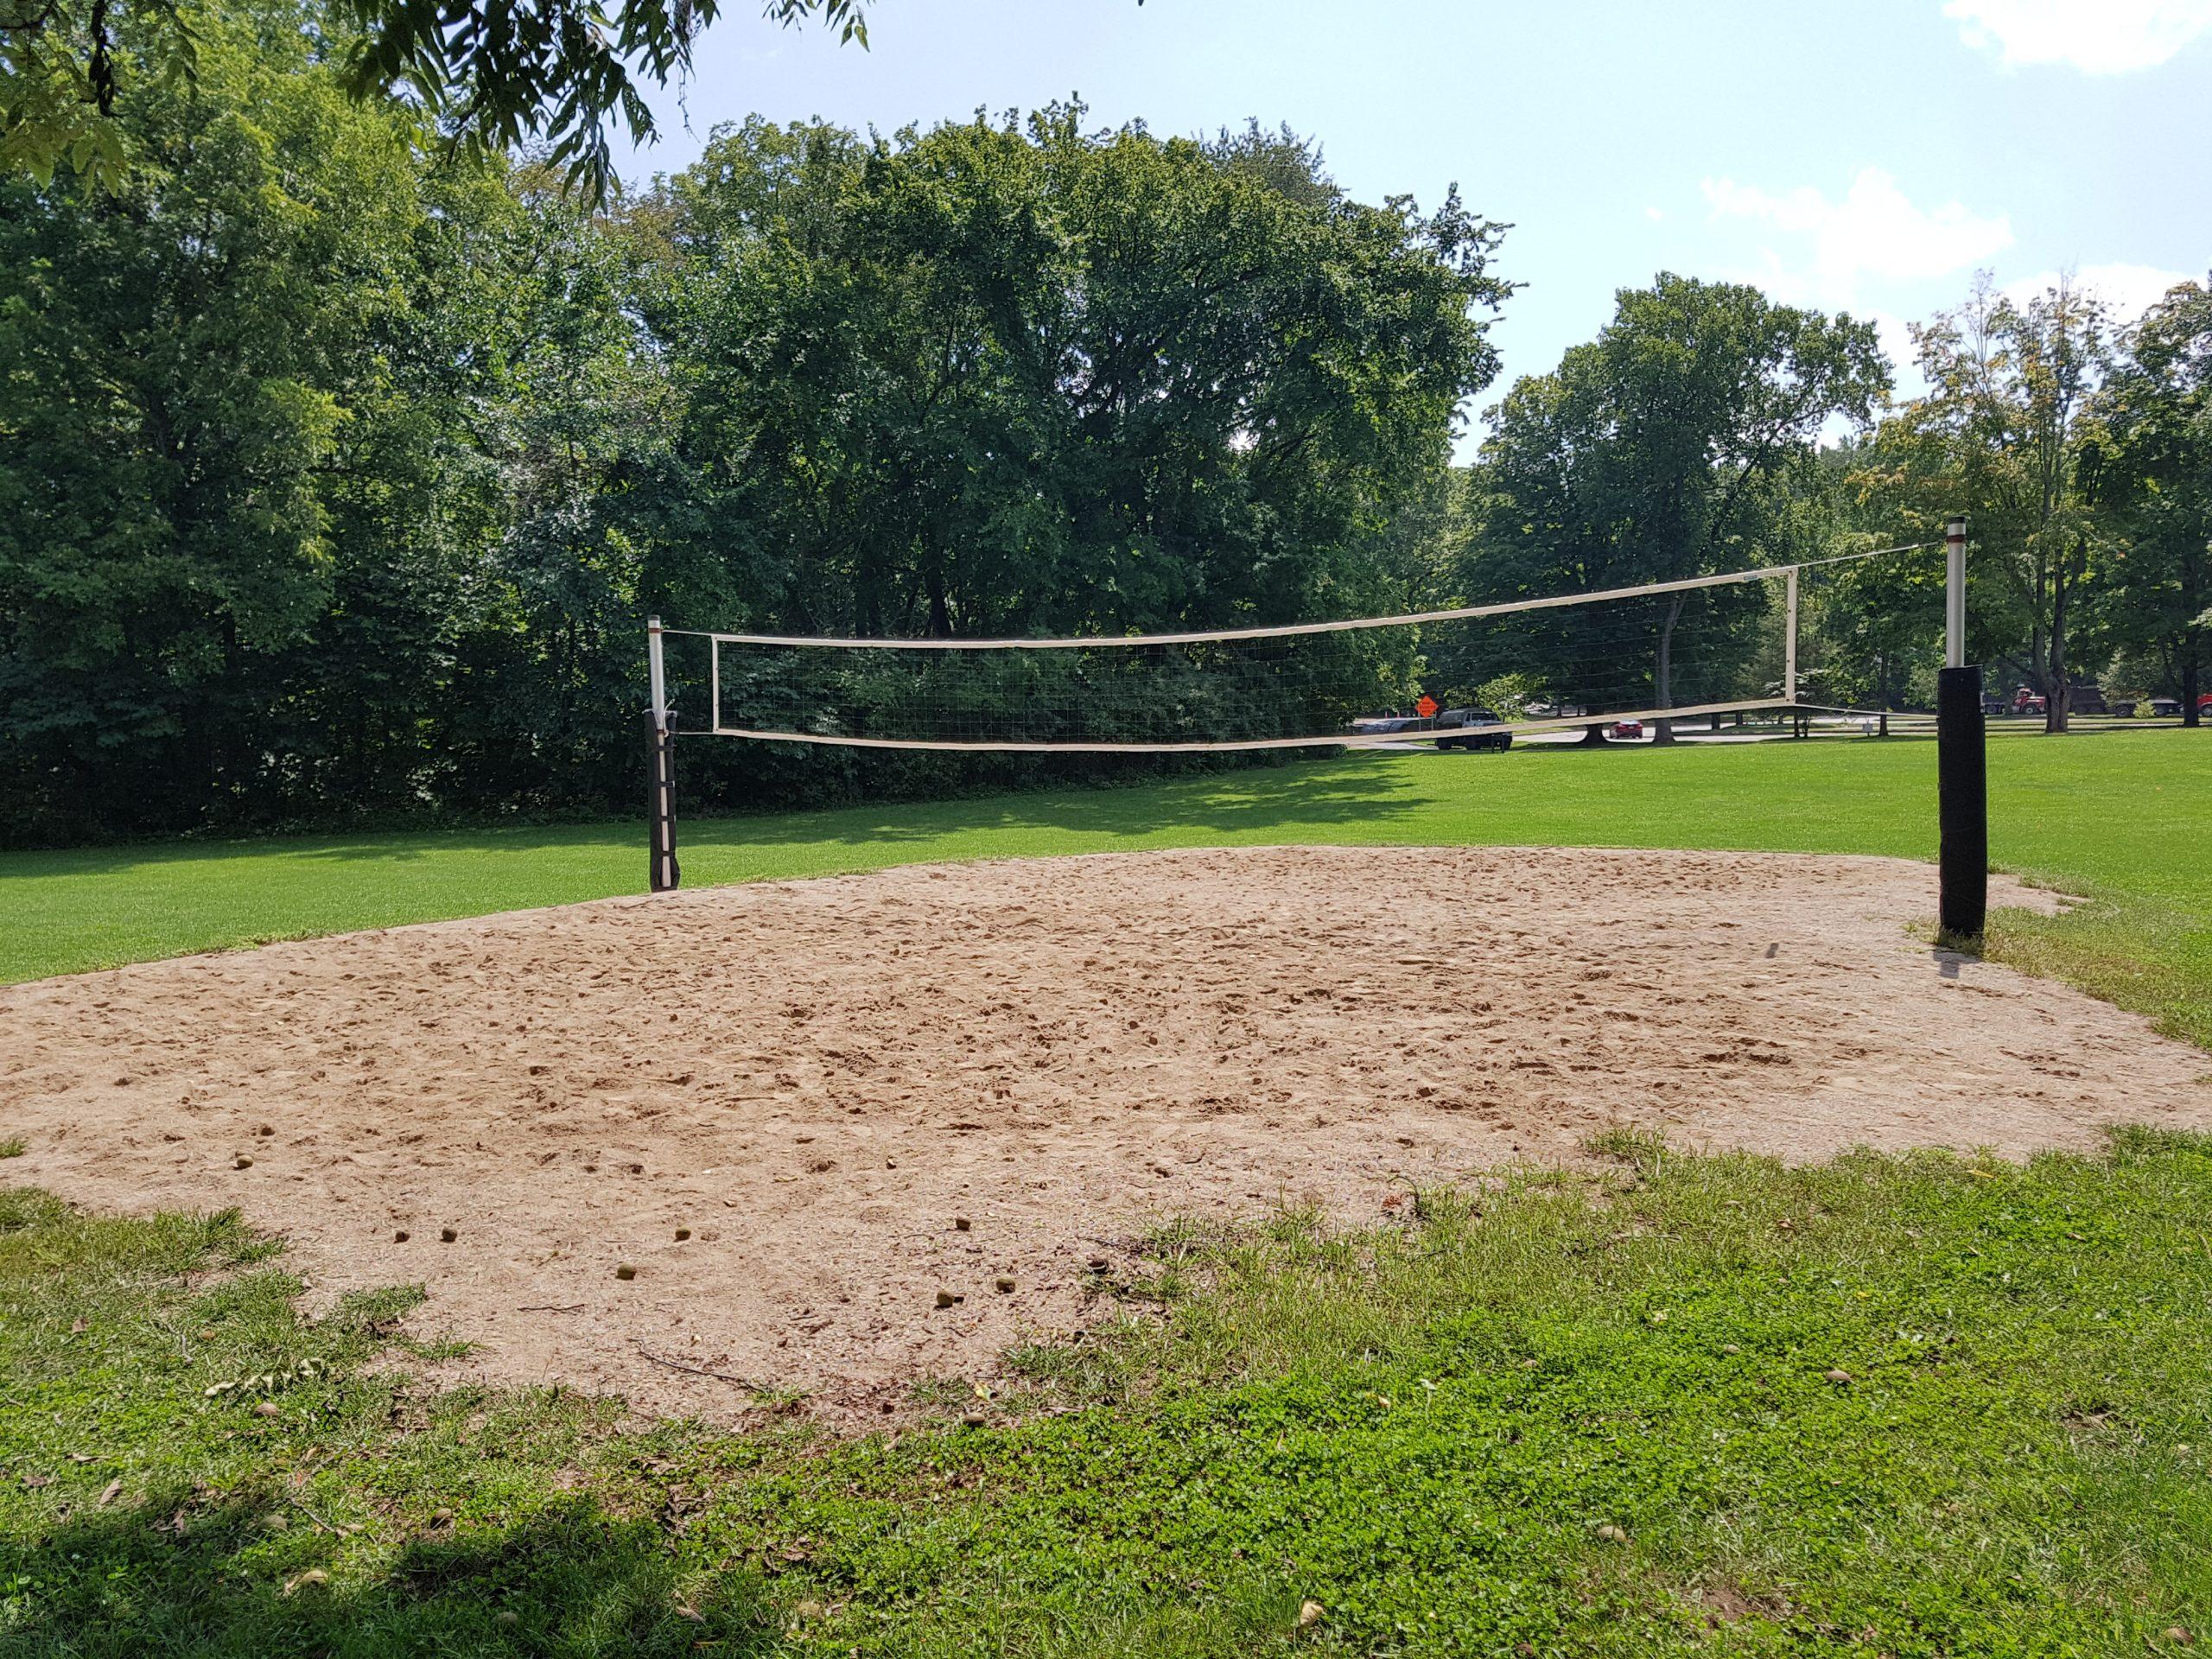 Sand Volleyball Court at Turkey Run State Park